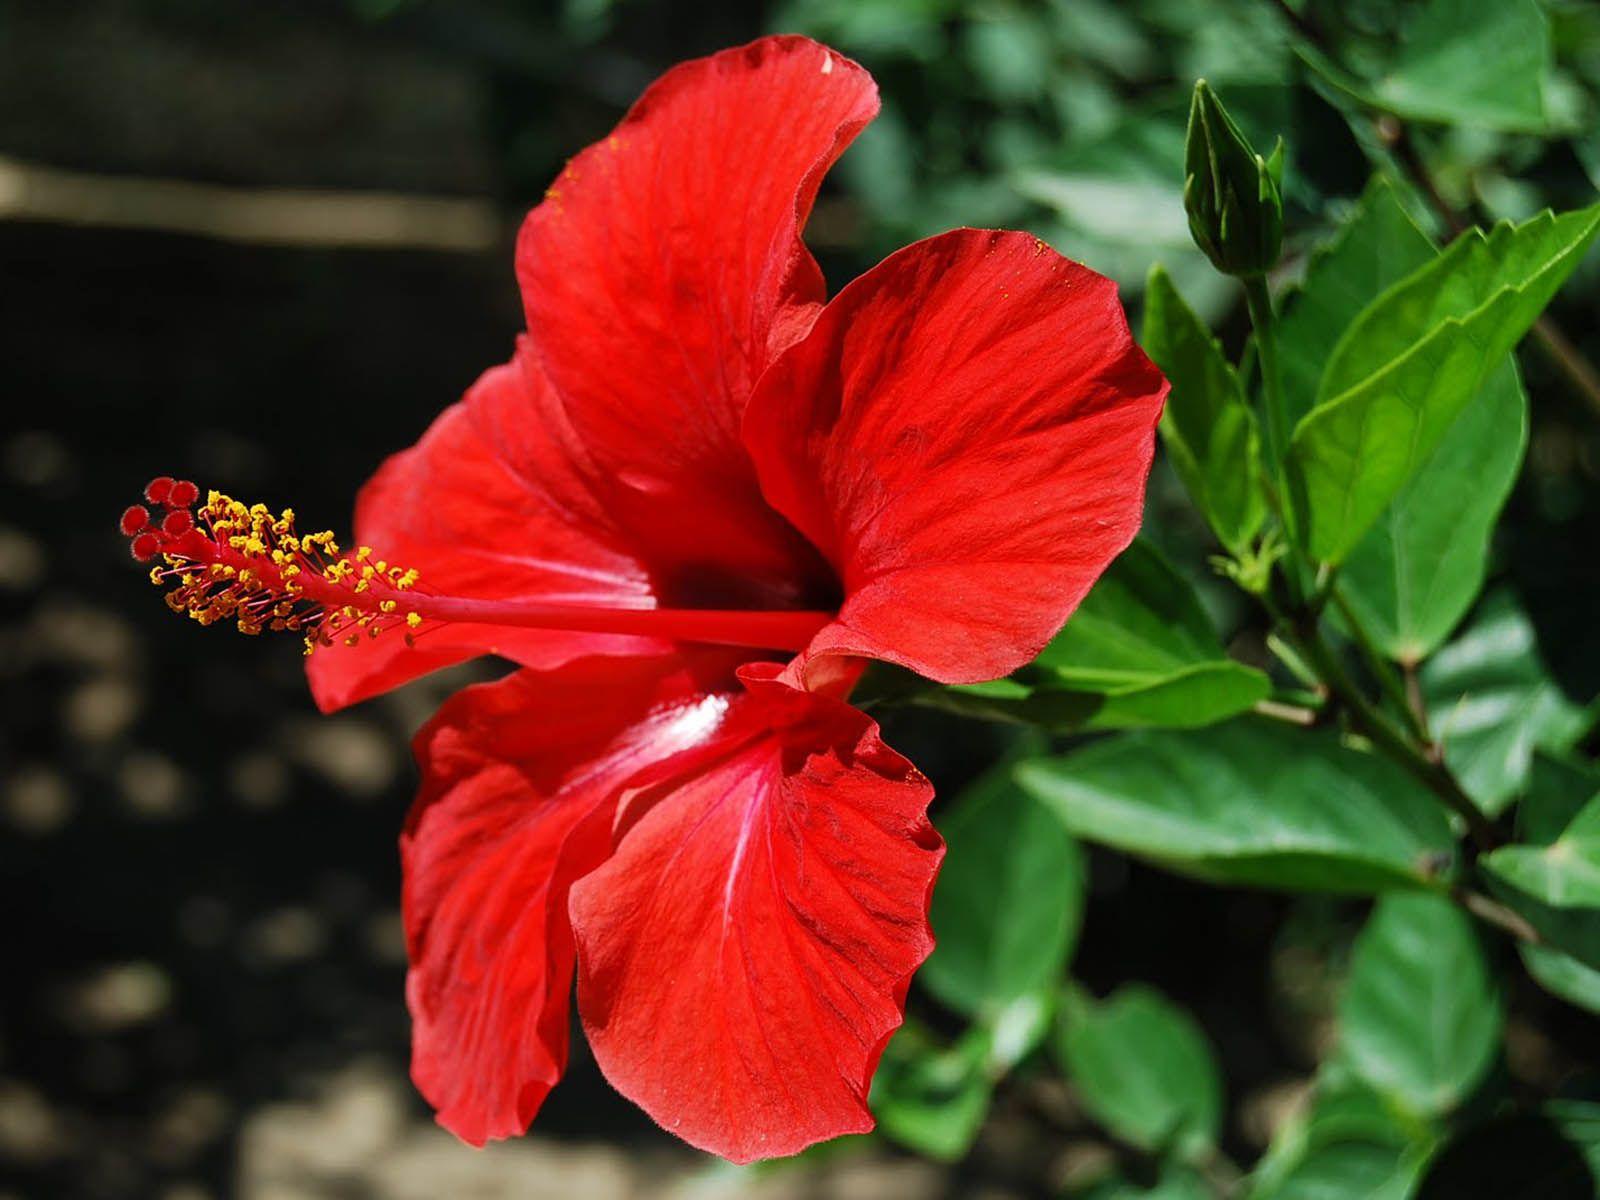 Hibiscus flower androecium of hibiscus flower typesofflower hibiscus flower androecium of hibiscus flower typesofflower typesofflower izmirmasajfo